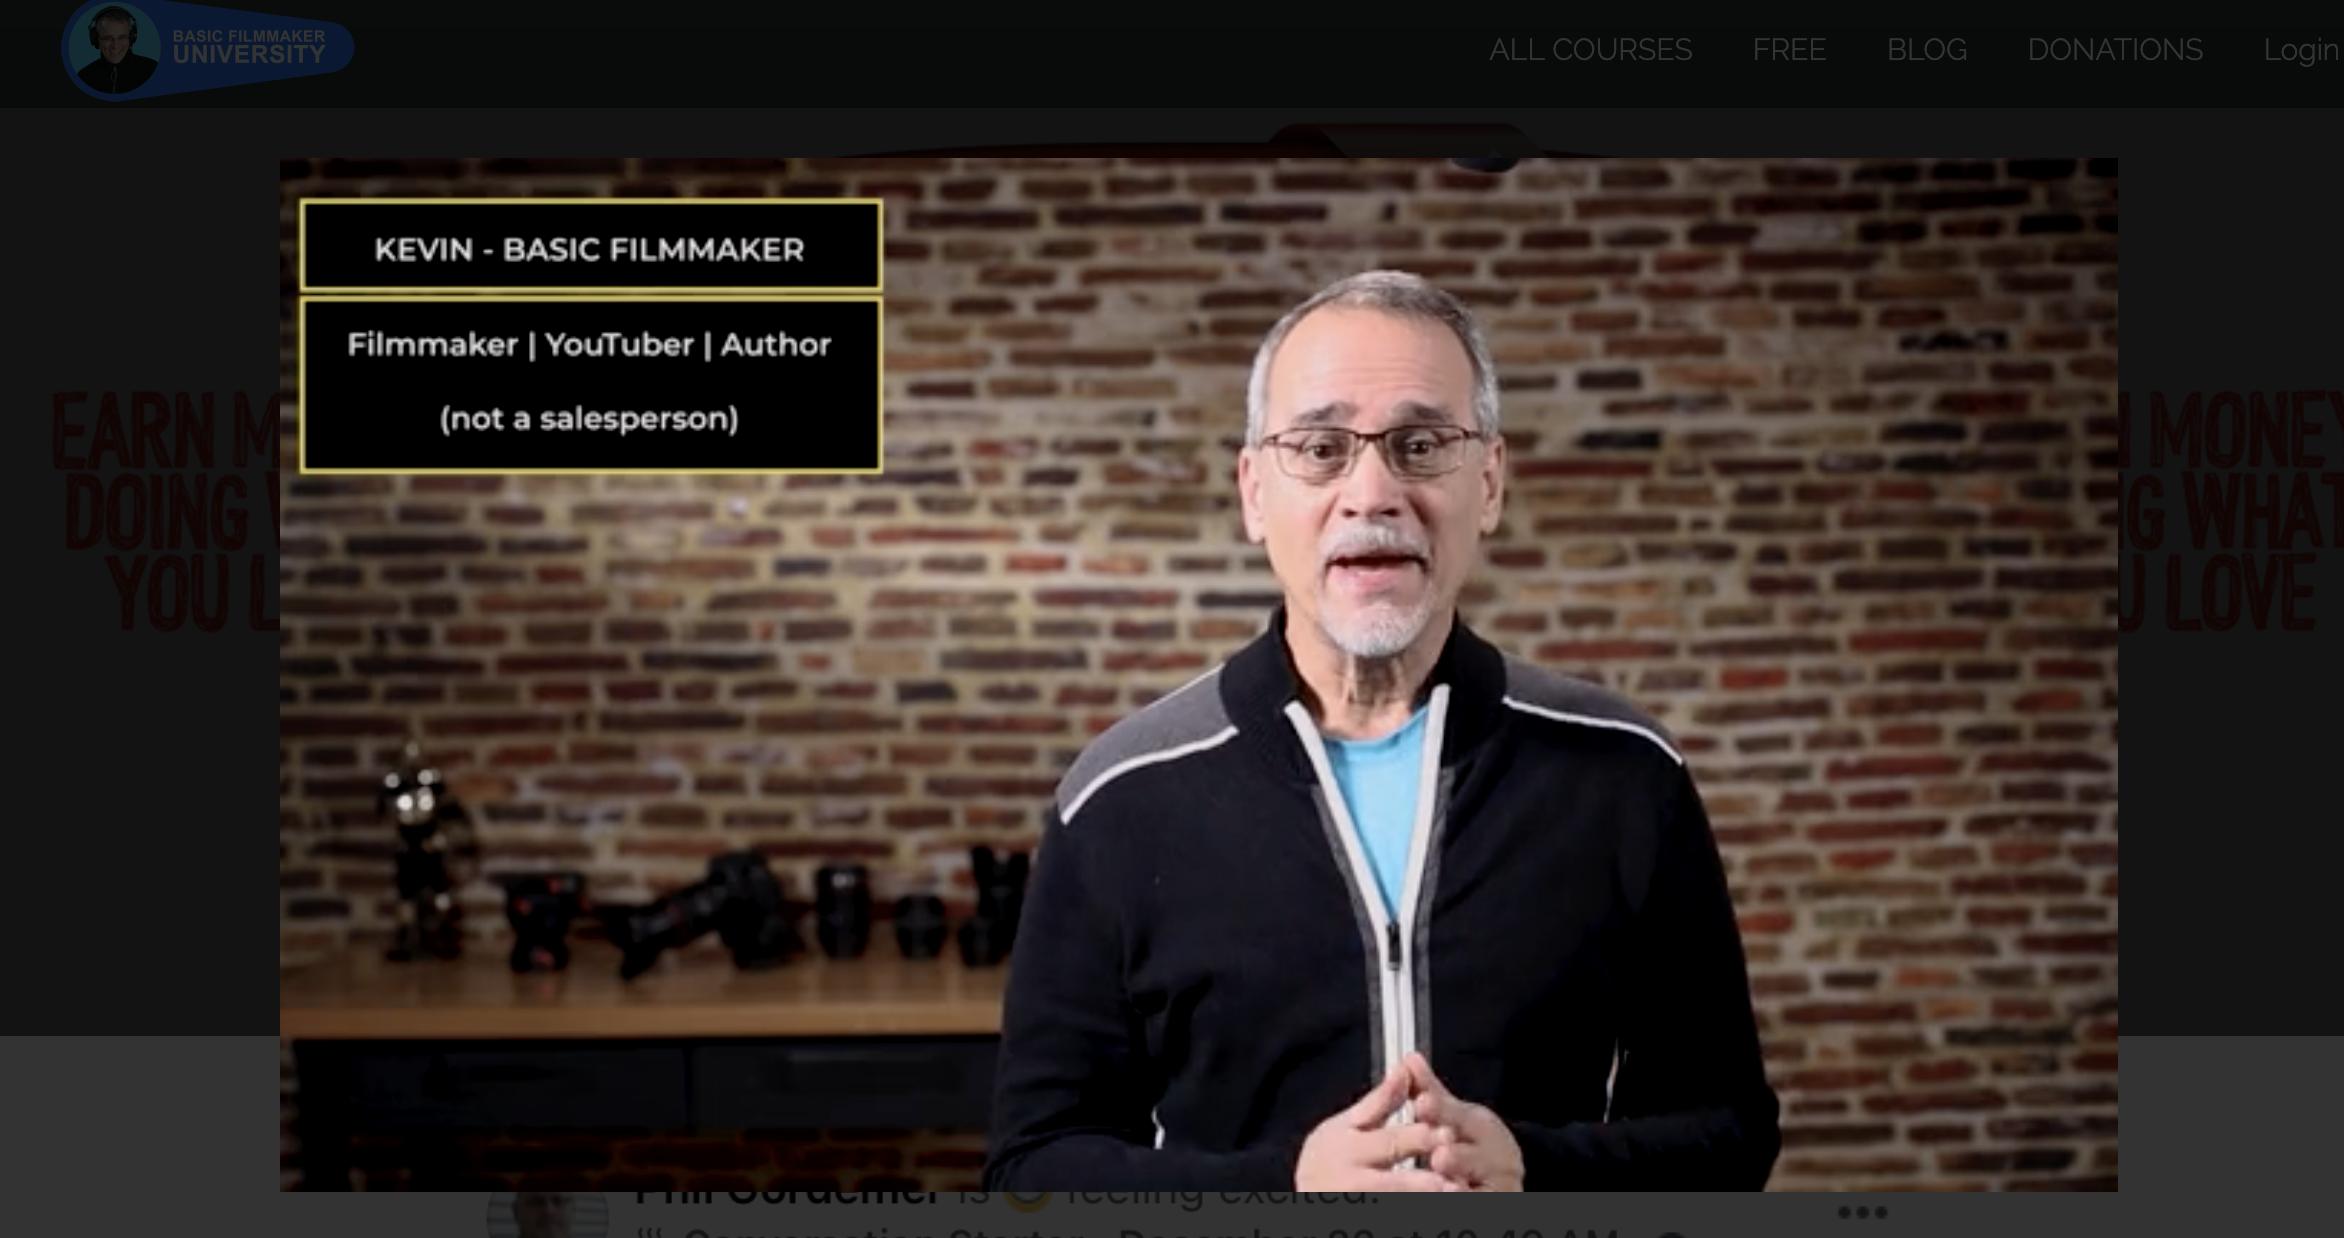 basic-filmmaker-university